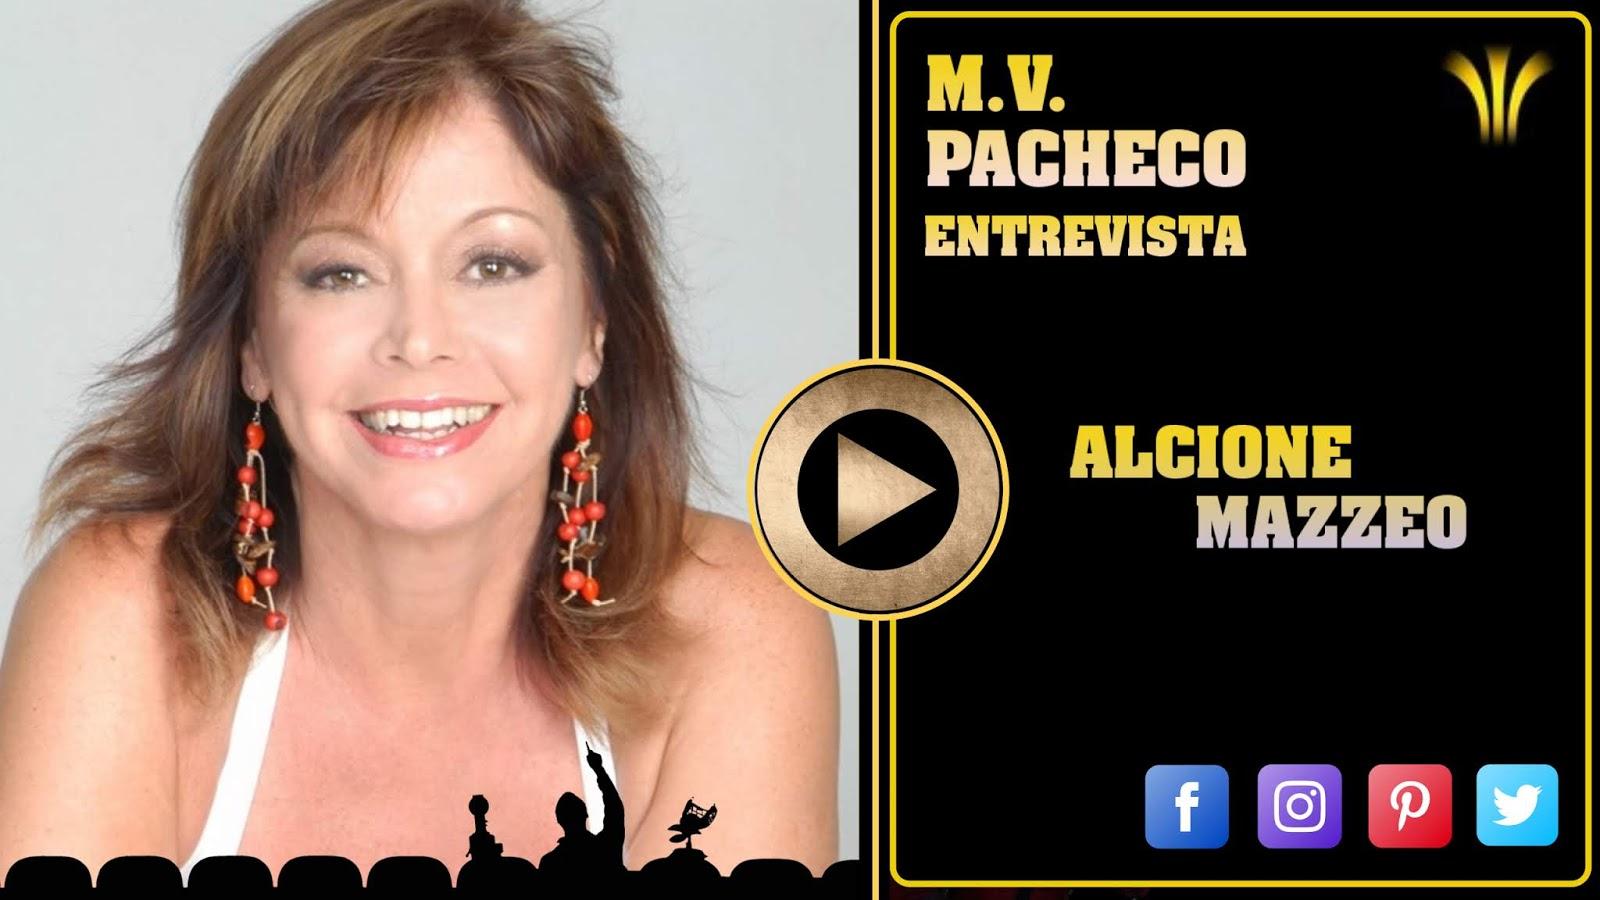 alcione-mazzeo-entrevista